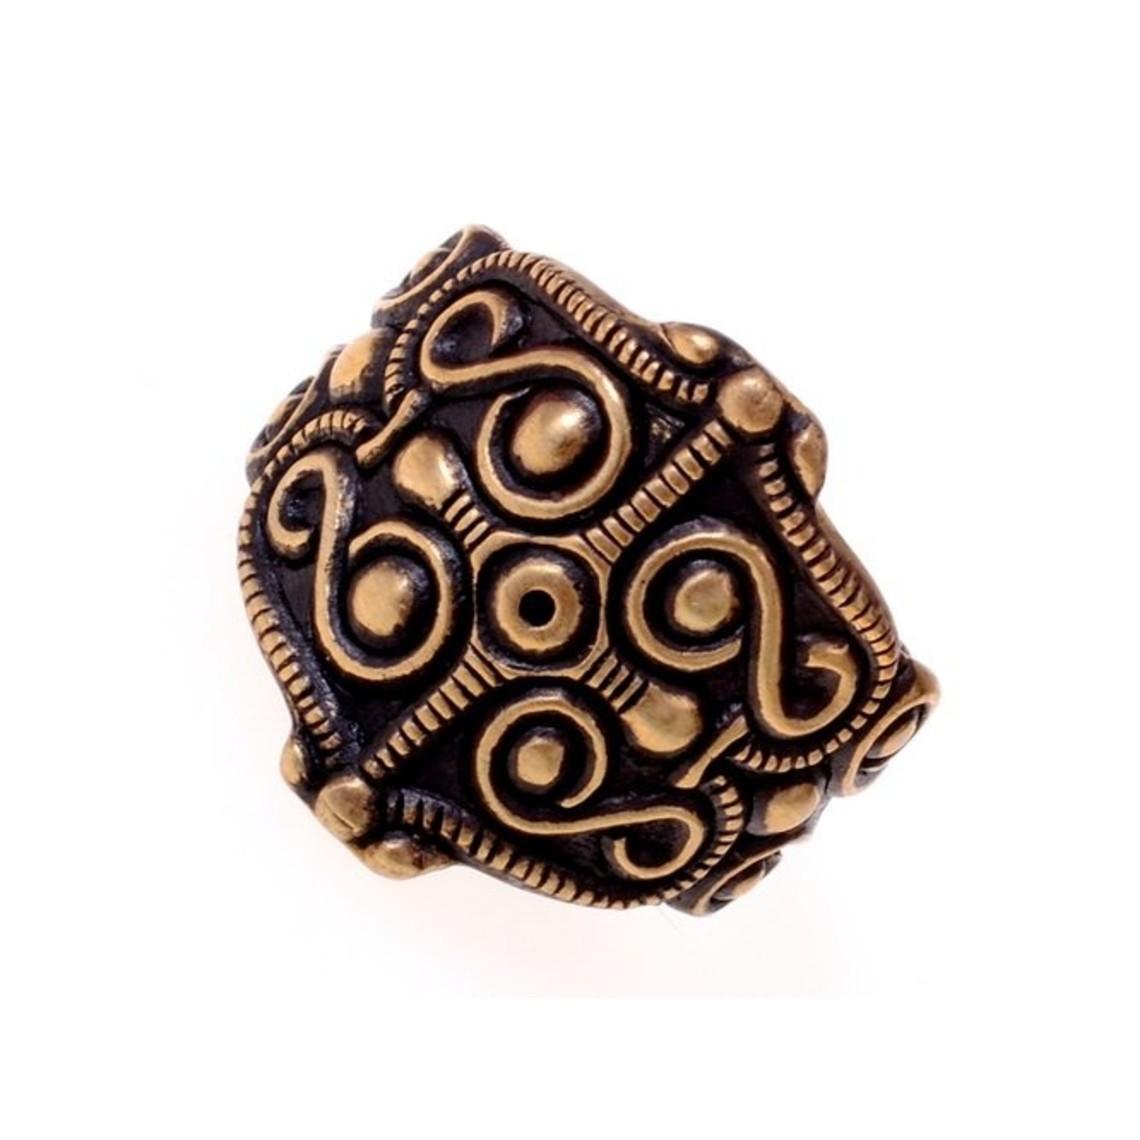 Gallische ring La Tene, brons